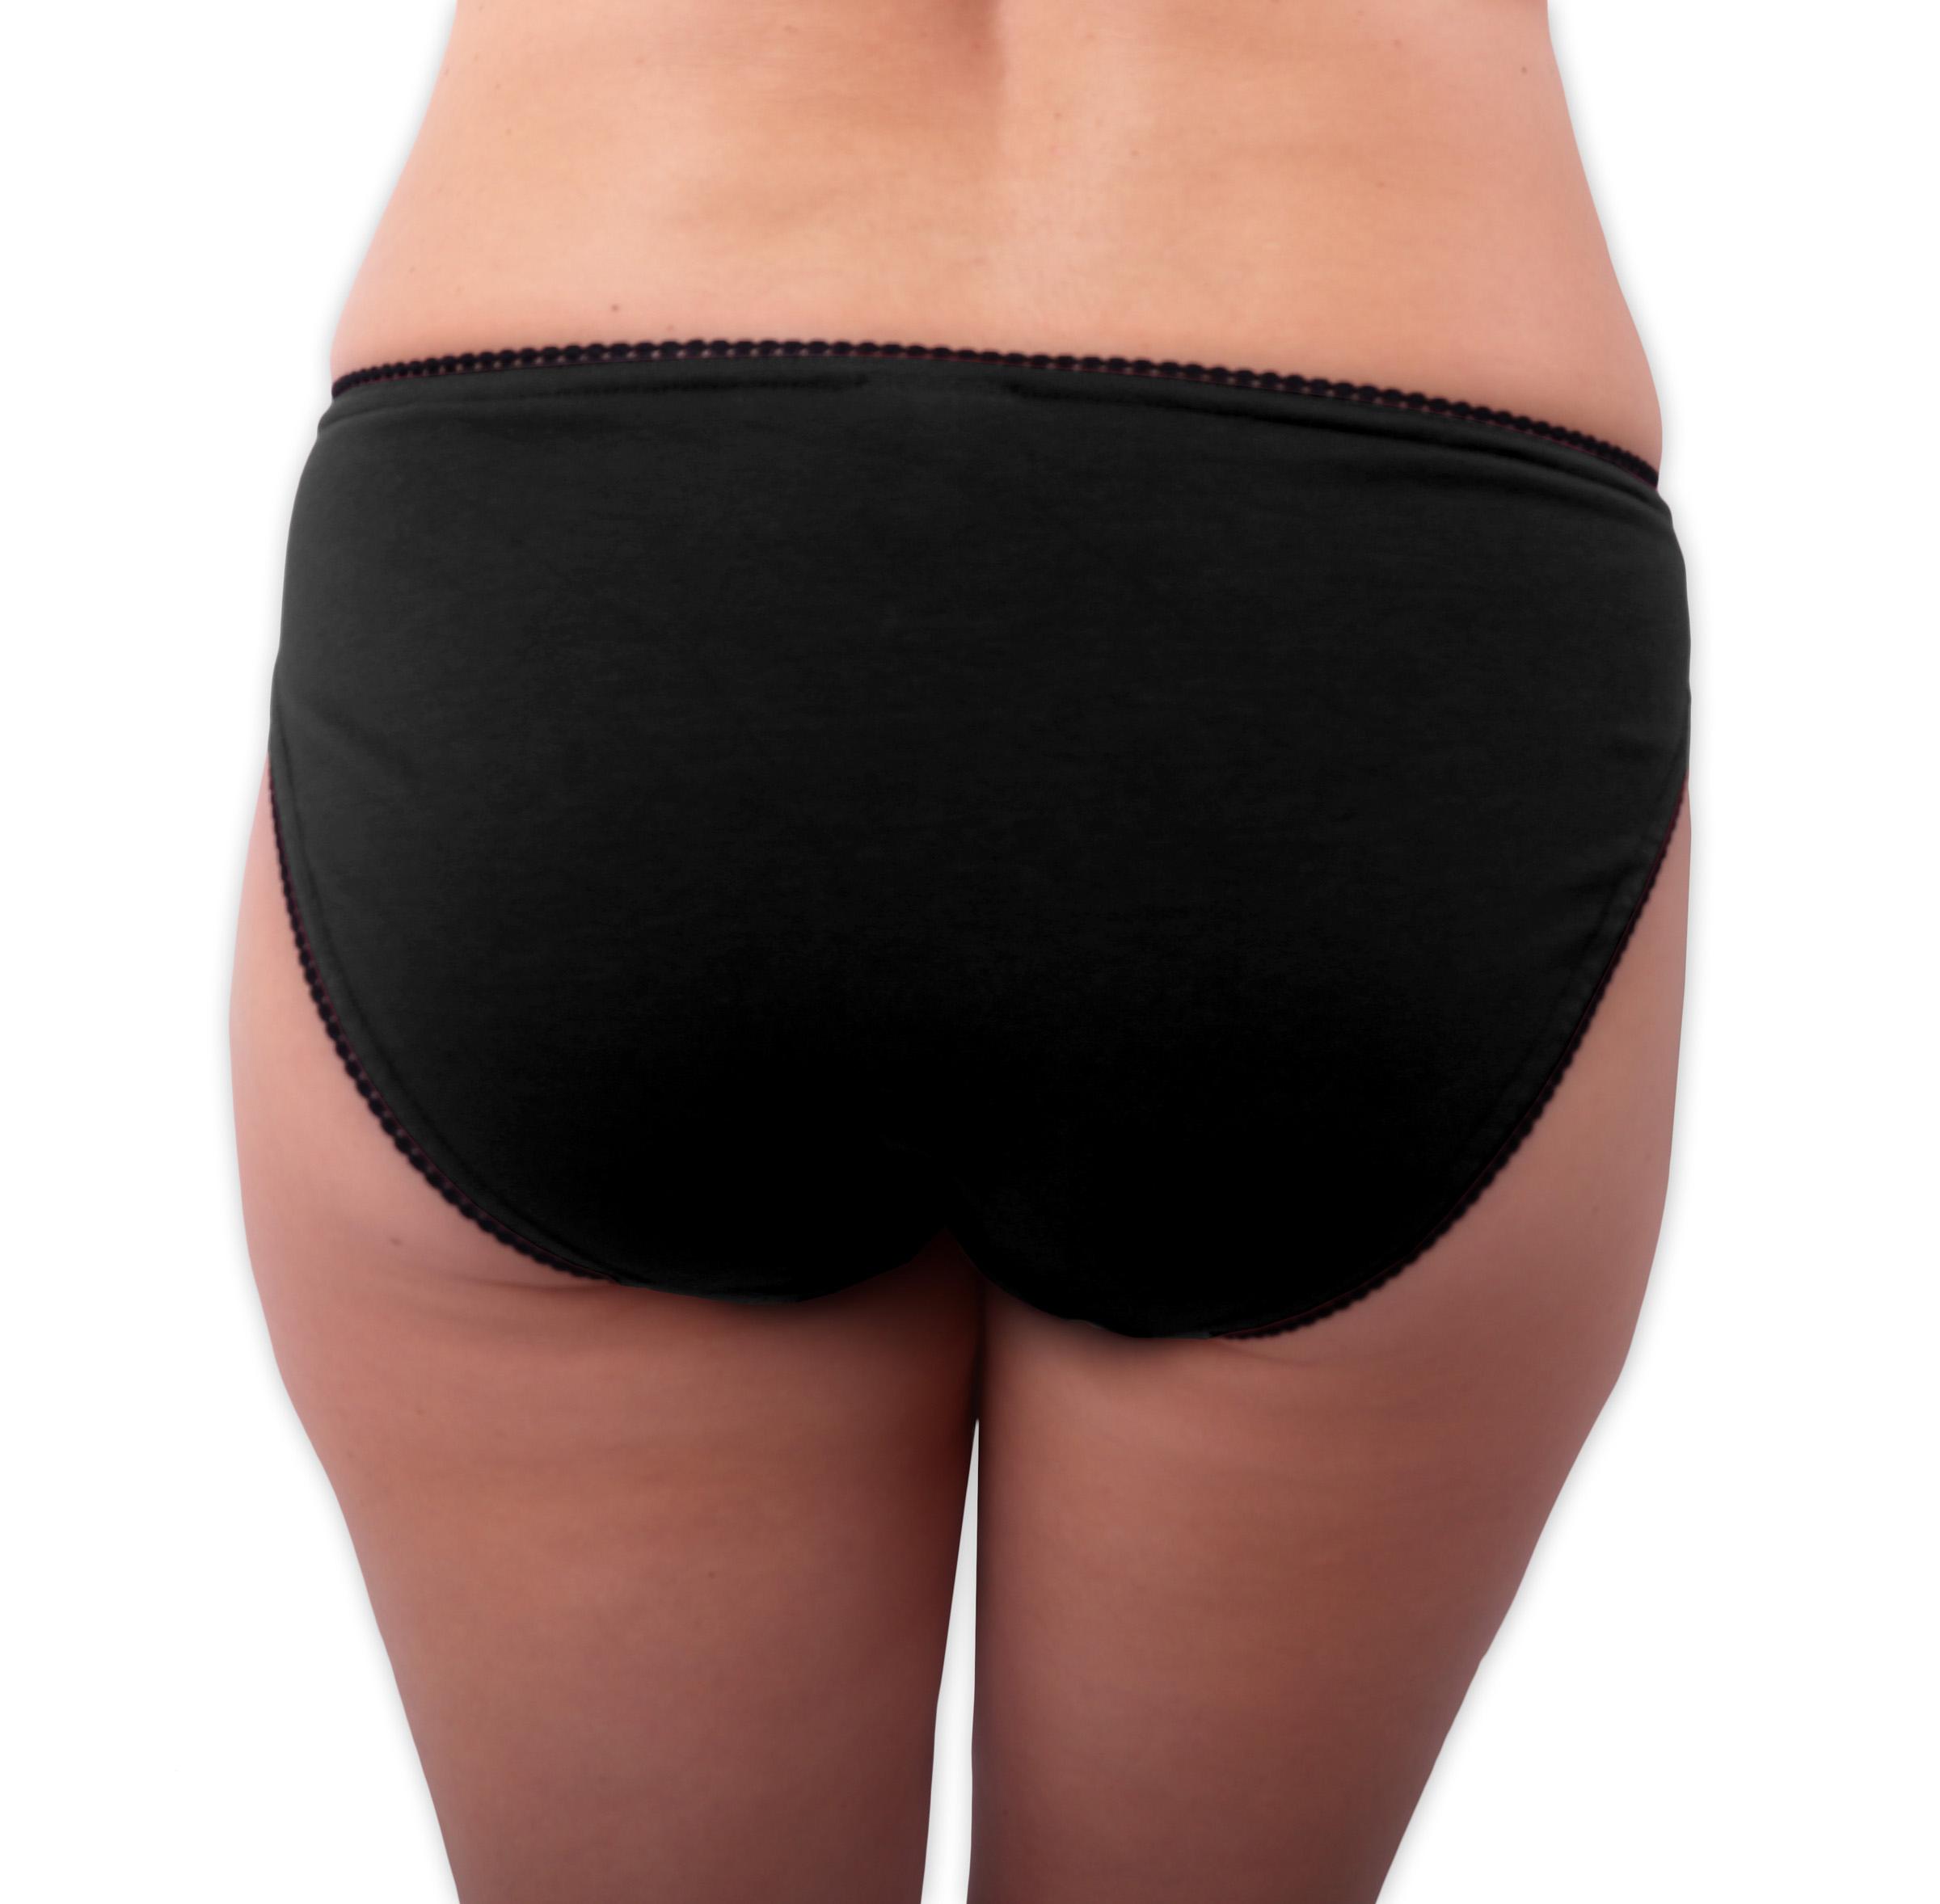 Dámské kalhotky bavlněné, klasický střih, černé, 44